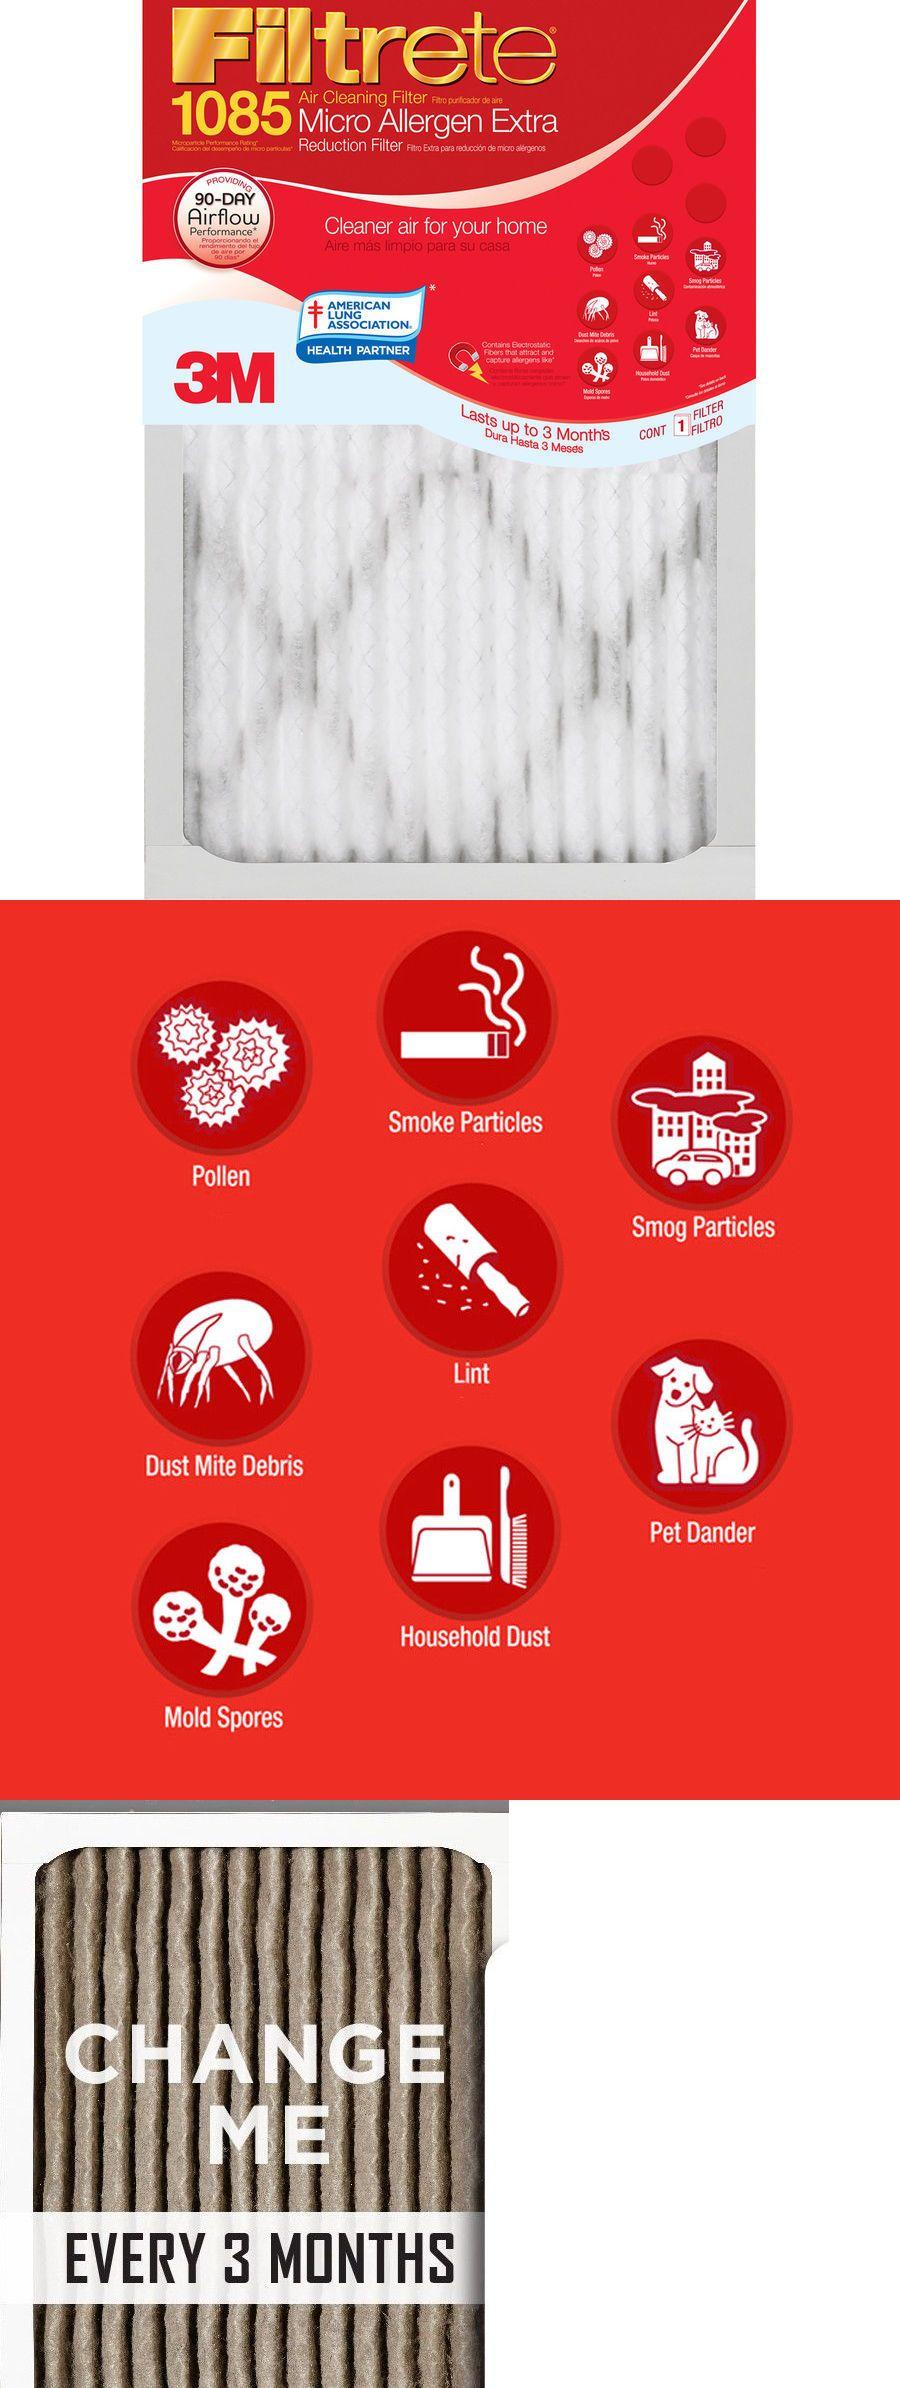 Details about Filtrete 1085 MPR Micro Allergen Extra